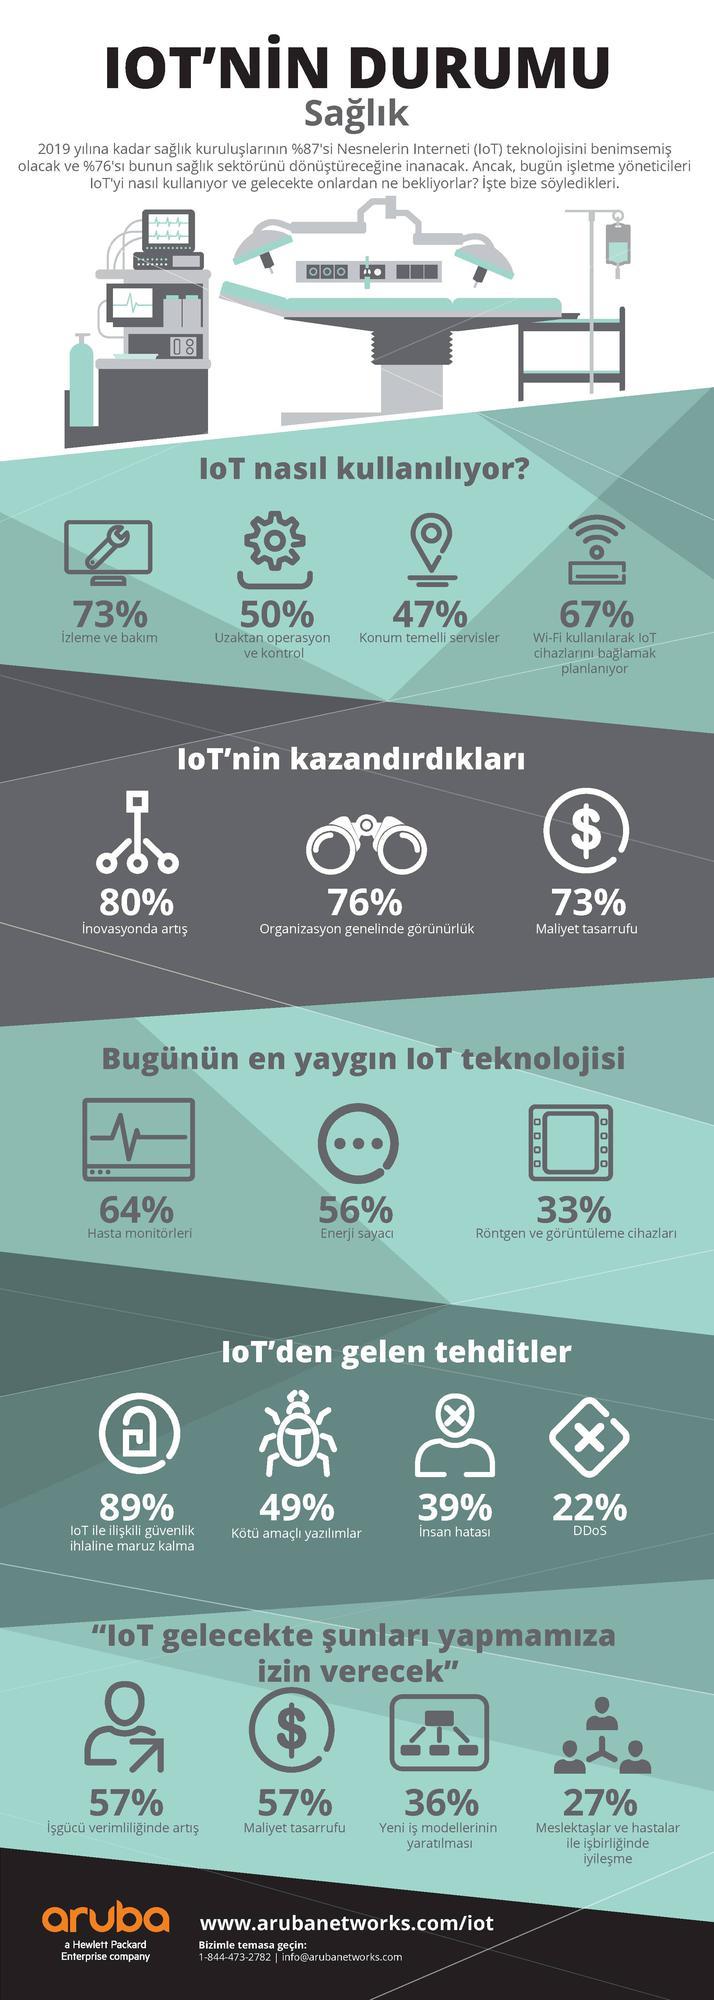 Sağlık sektöründe mobil teknoloji ve IoT kullanımına dair istatistikler